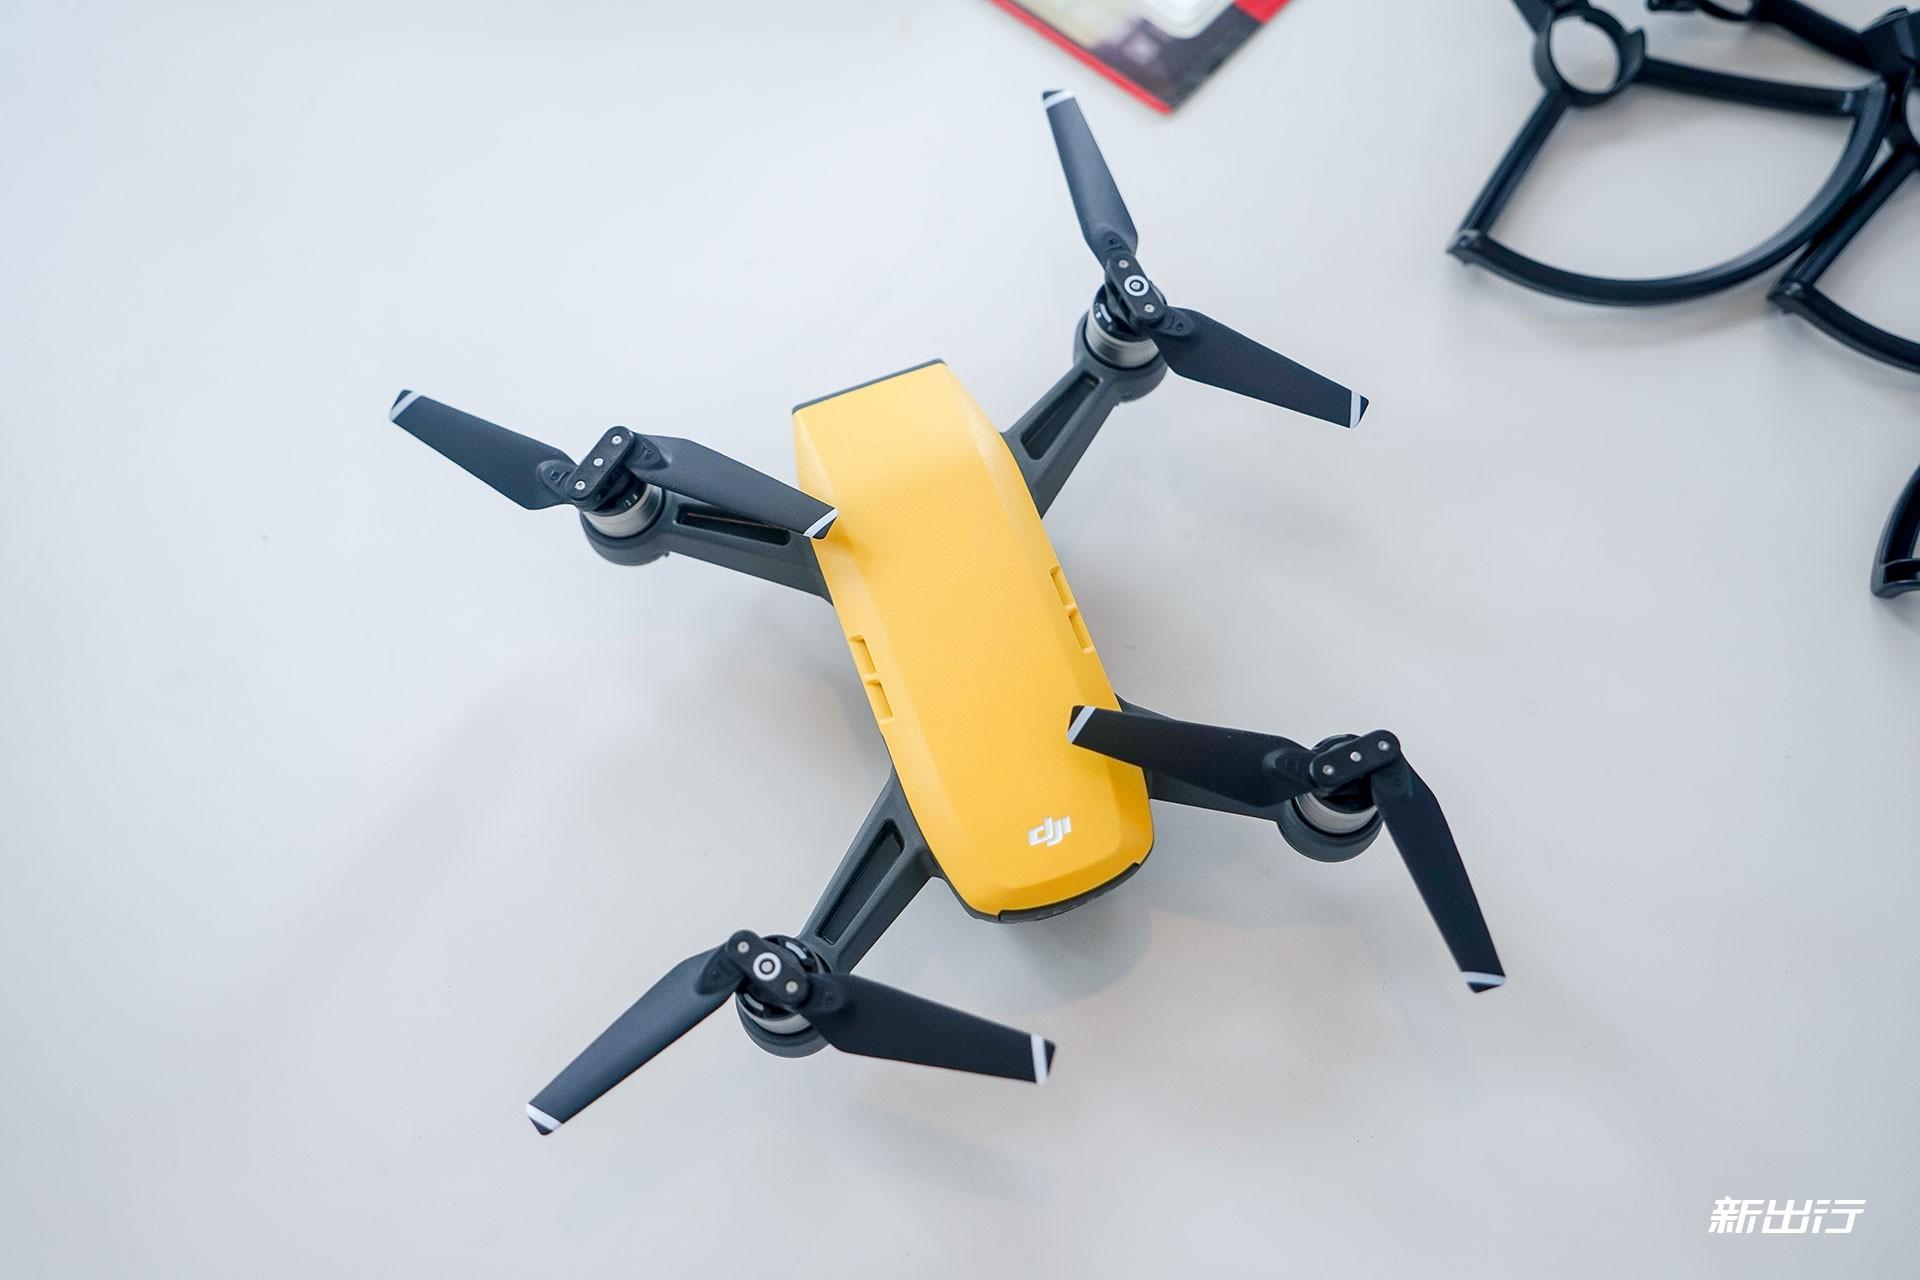 遥控器也能飞 大疆体积最小的 晓 Spark无人机轻体验